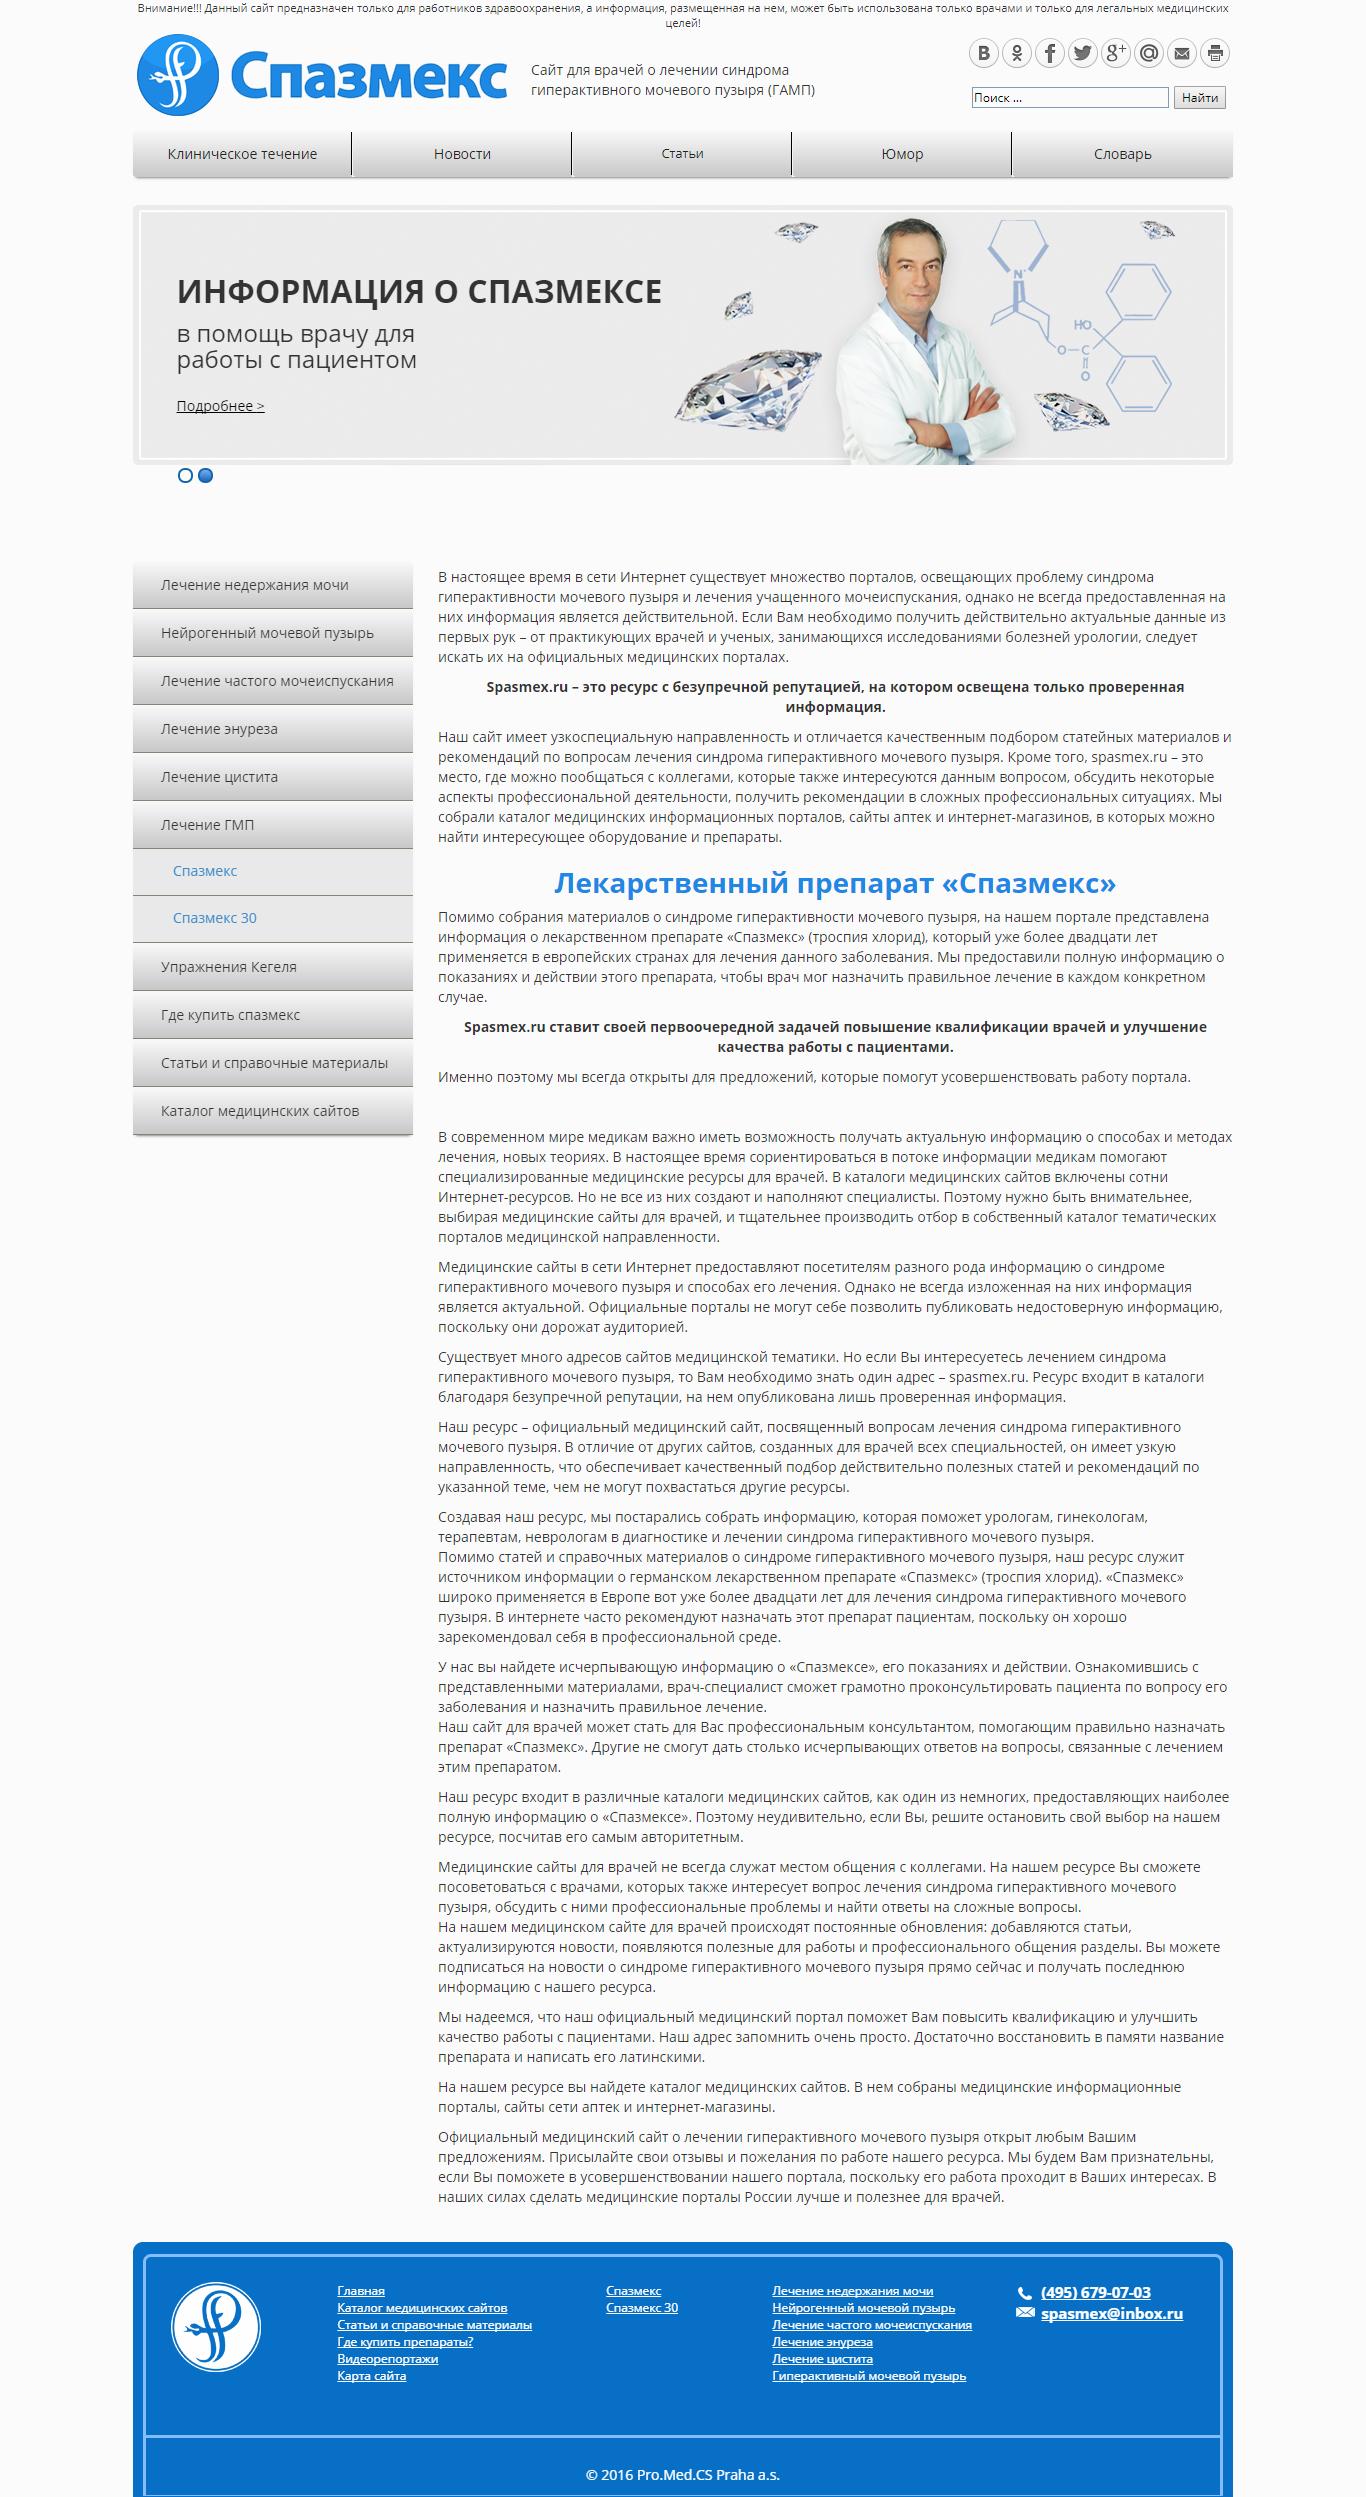 Сайт для врачей о лечении синдрома гиперактивного мочевого пузыря (ГАМП)